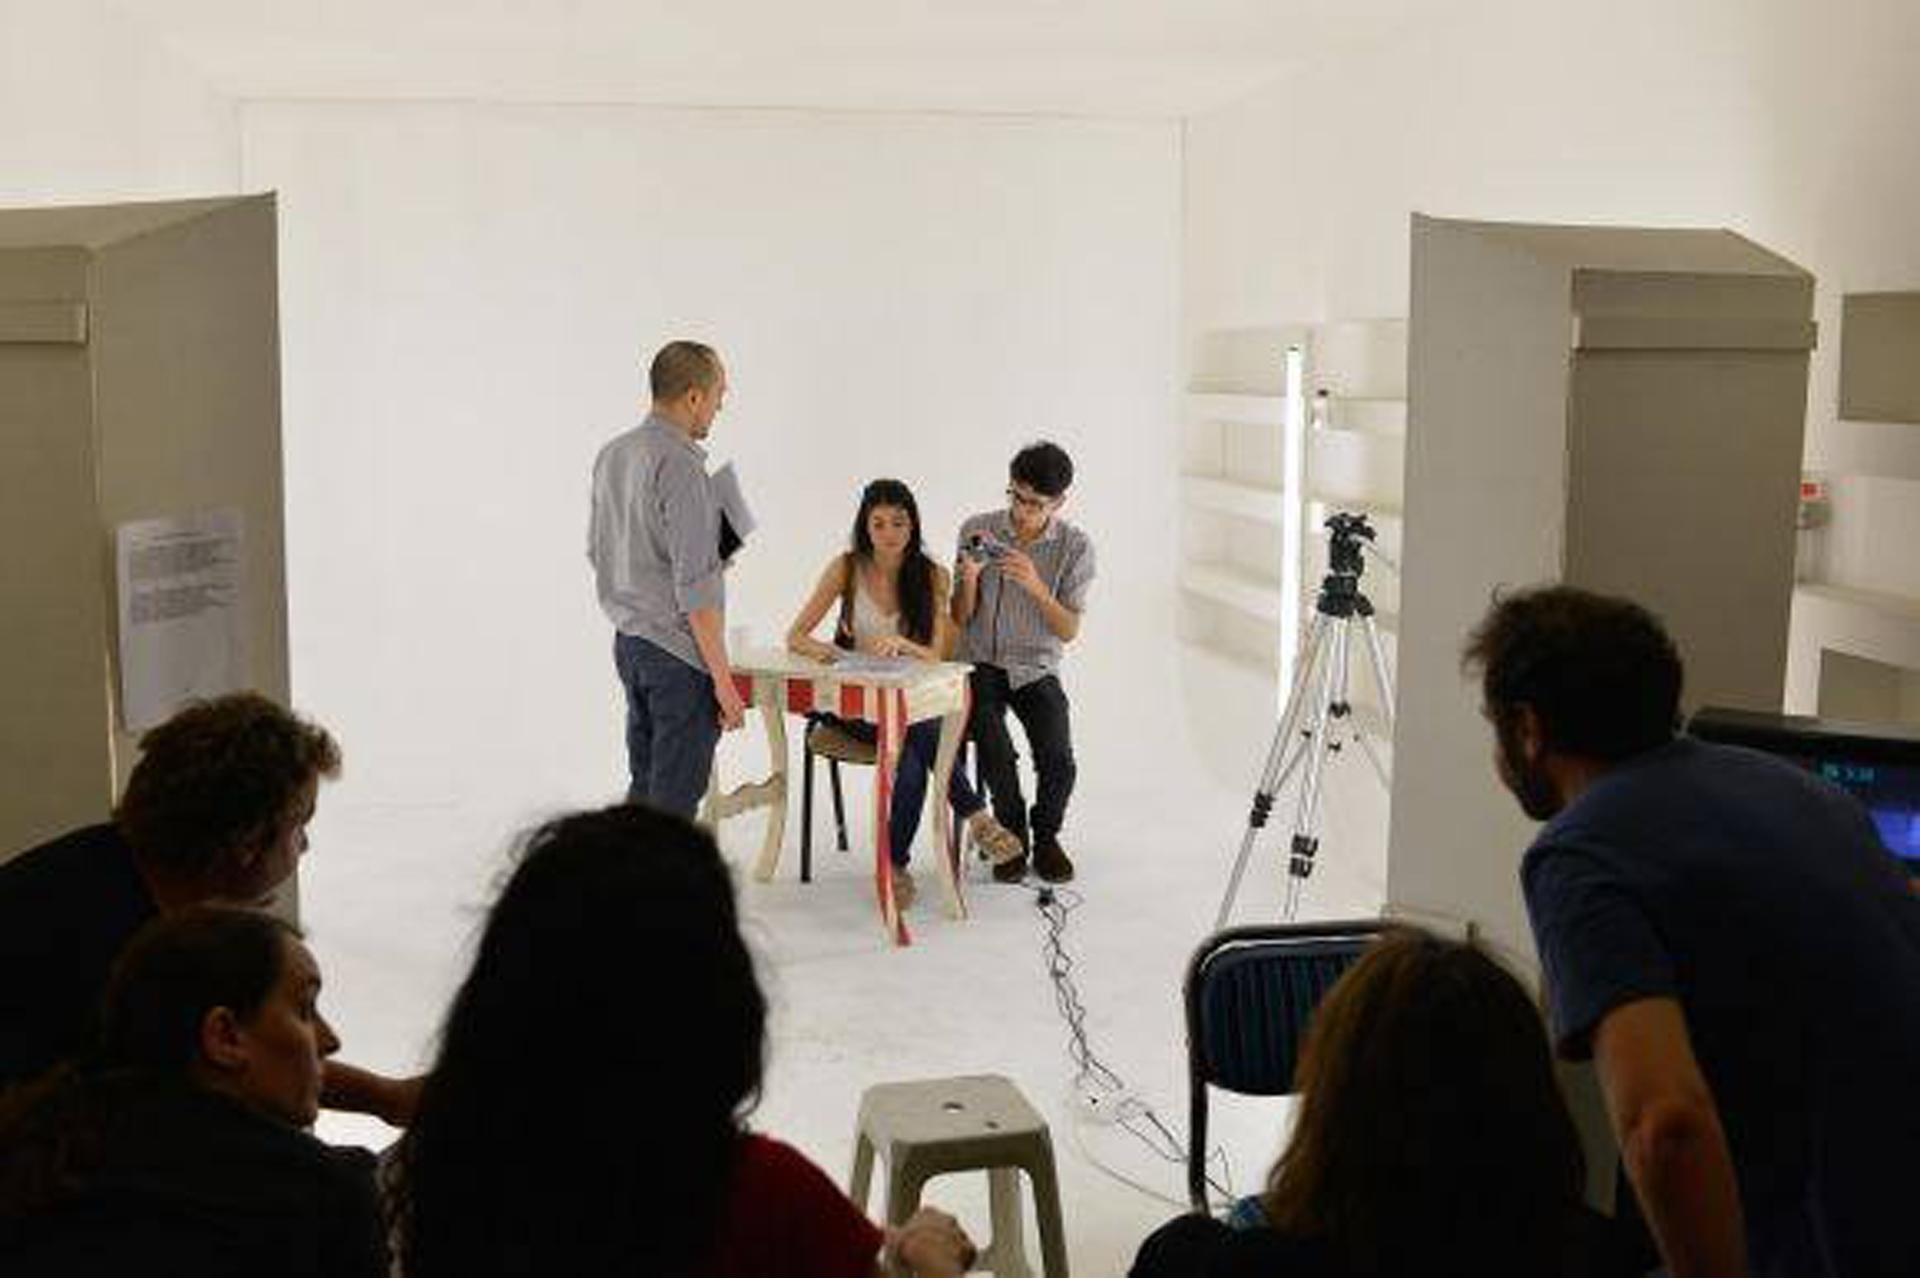 El seminario esta destinado a actores, modelos publicitarios, estudiantes de actuación